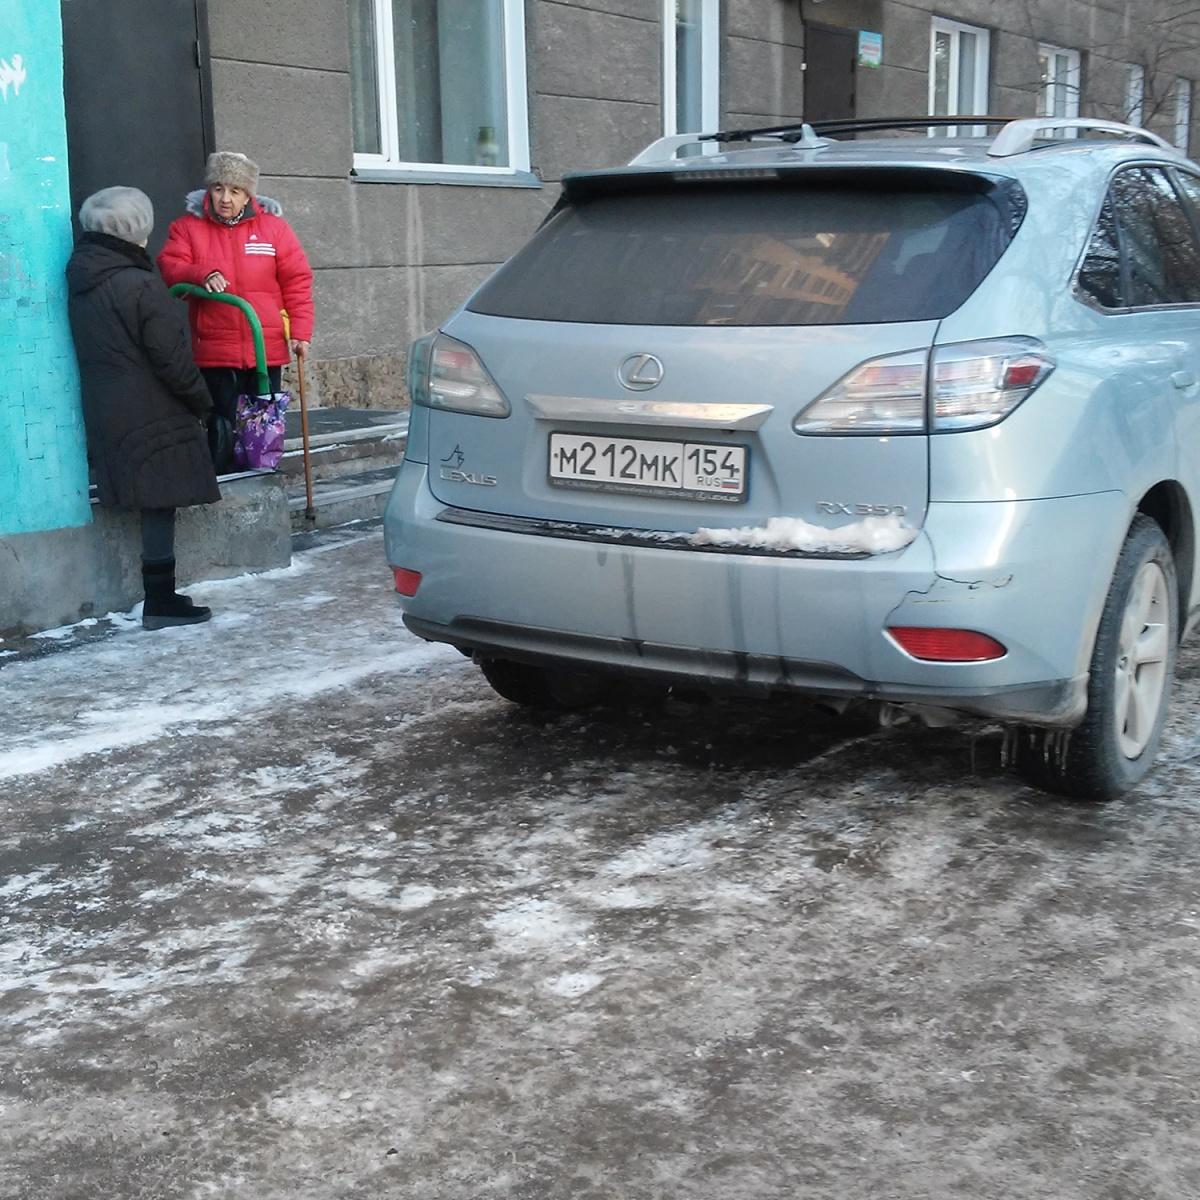 «Я паркуюсь как чудак»: не выпущу! (фото)